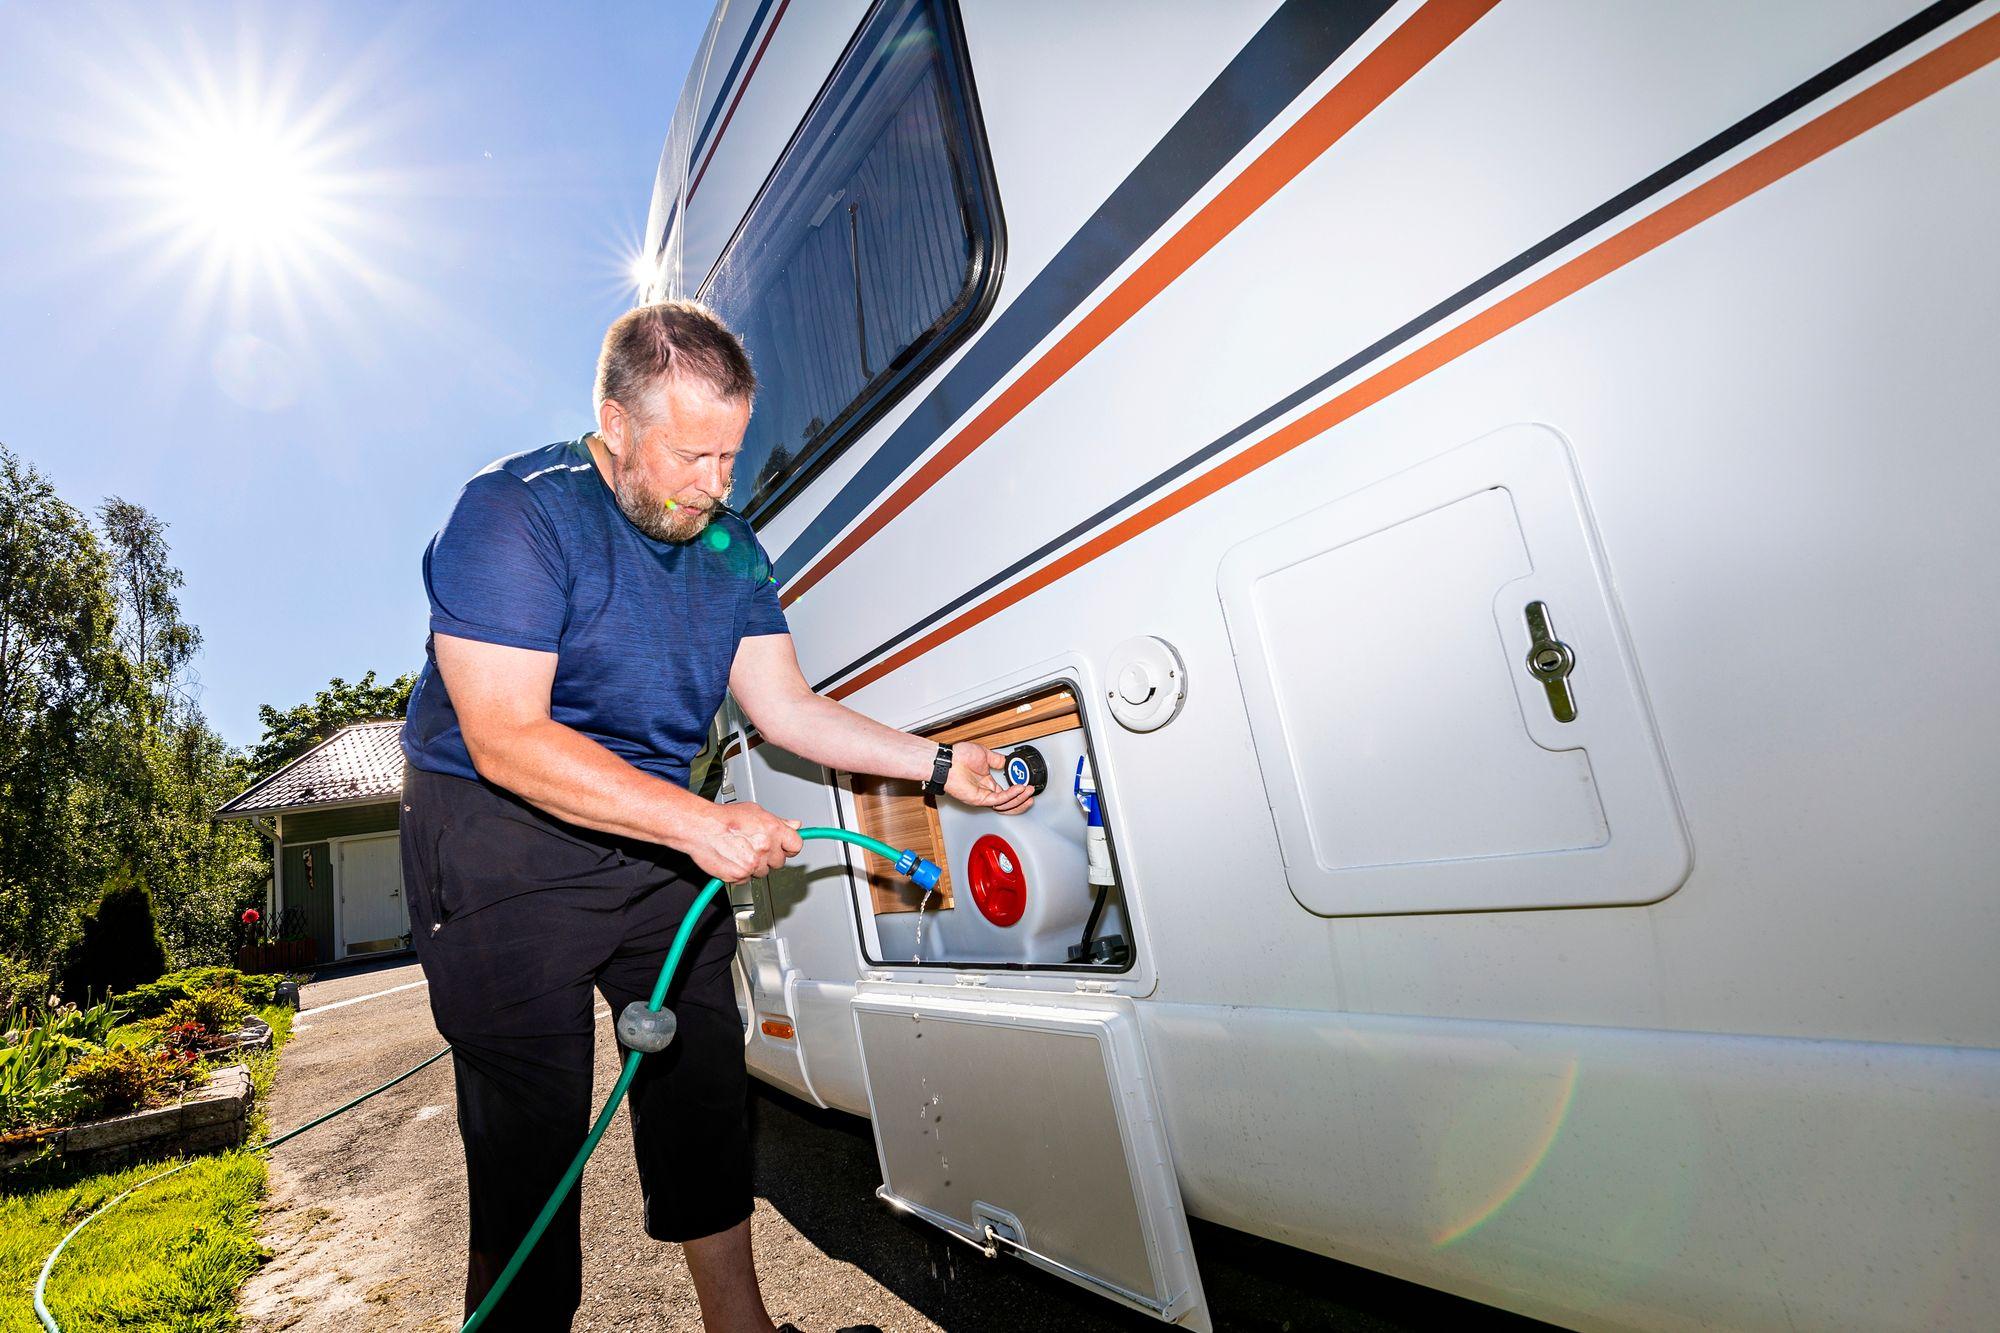 Kolarien työnjako on selkeä: Erjaa huoltaa auton sisätilat, Antti vastaa tekniikasta. © Petri Jauhiainen